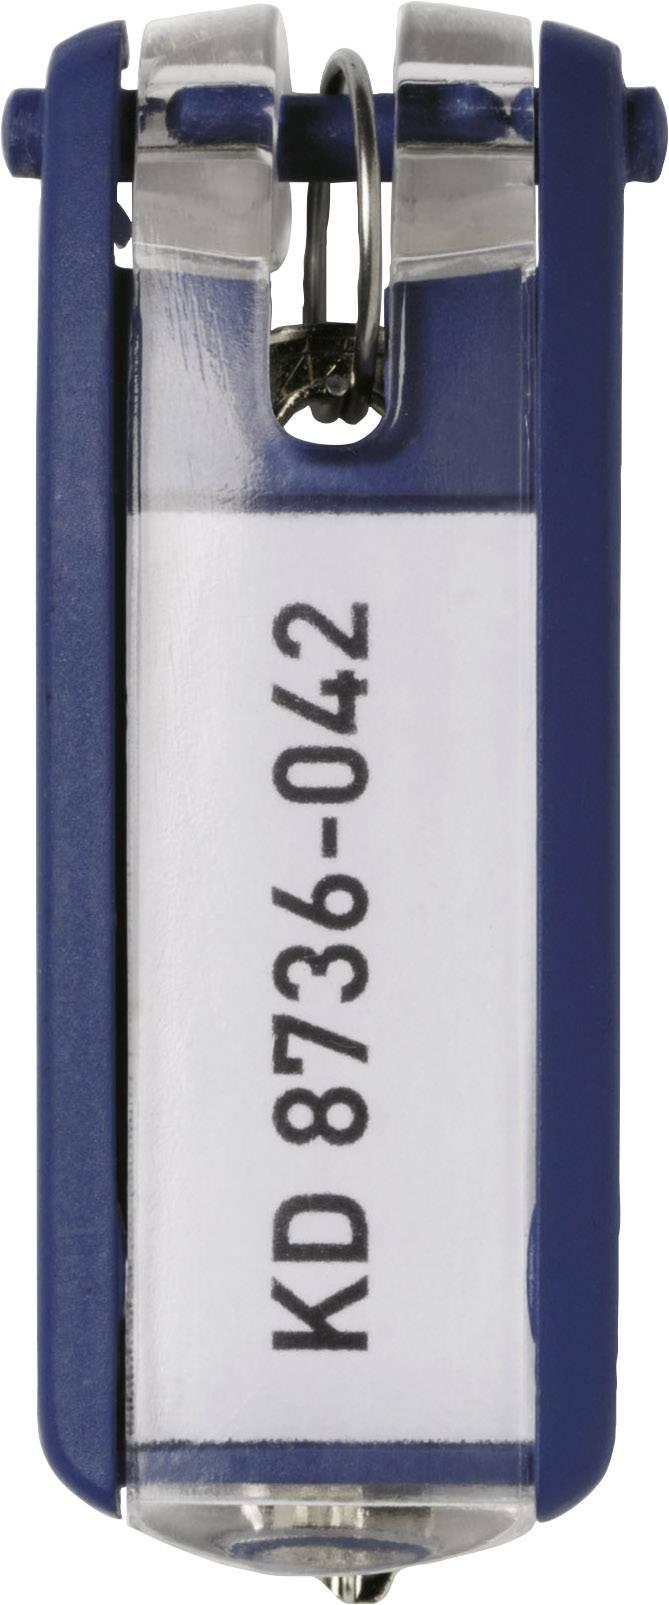 Věšák na klíče 6 ks modrá